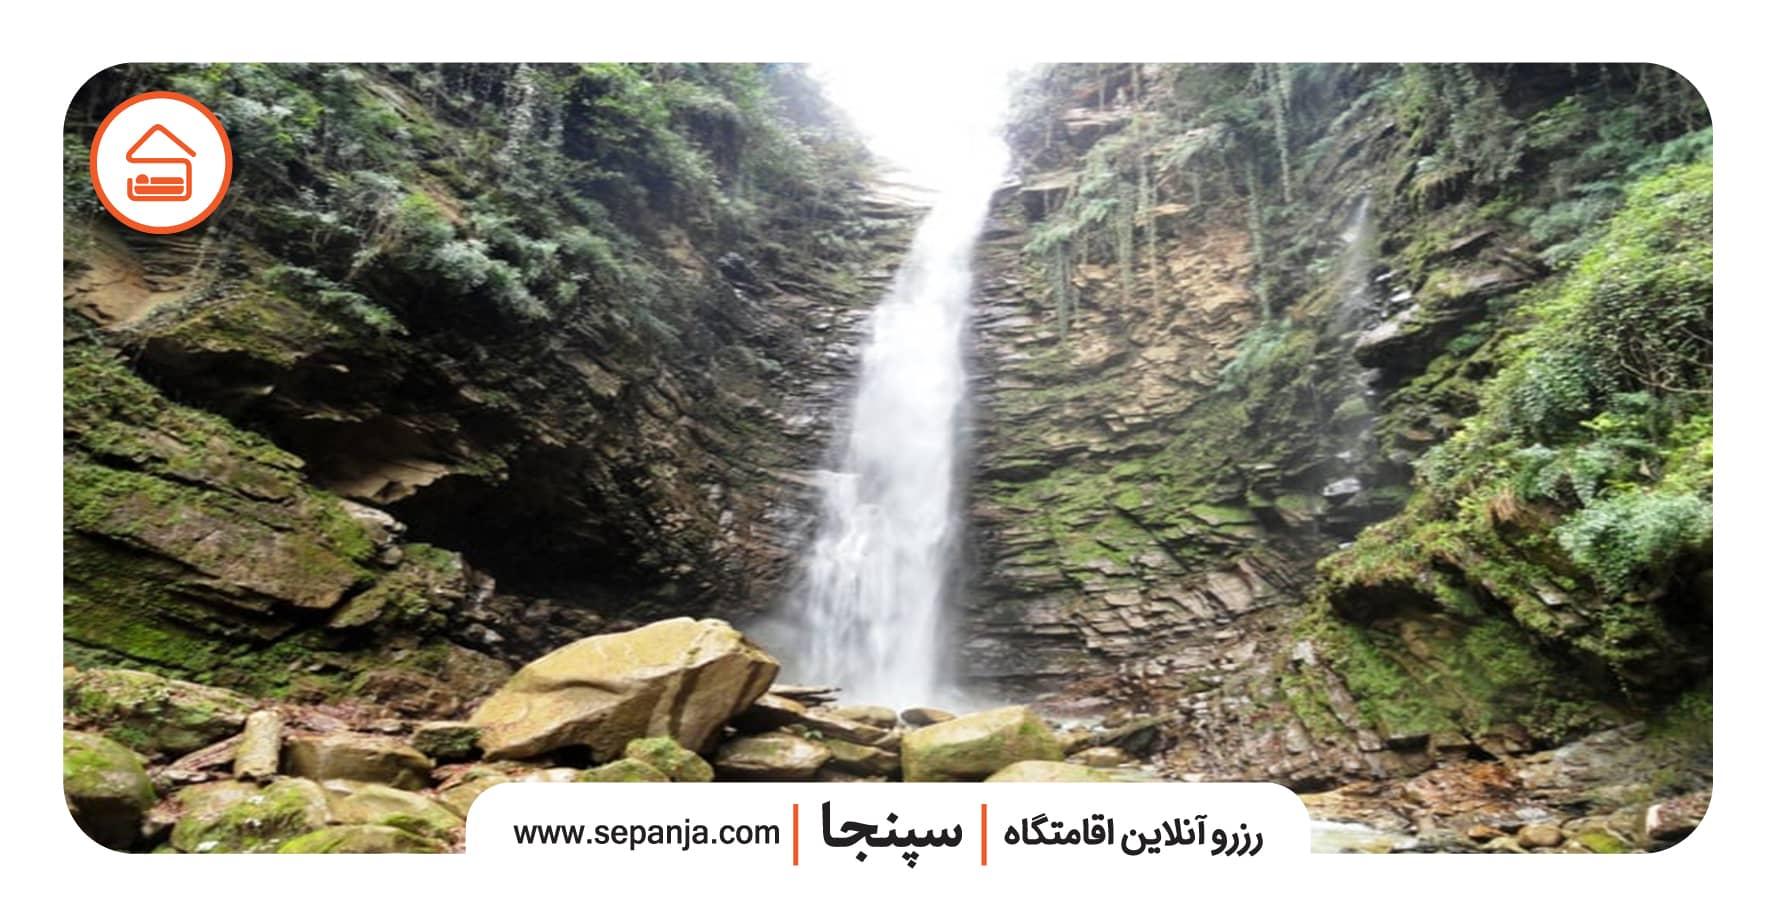 آبشار اکاپل از بهترین جاهای دیدنی کلارشت